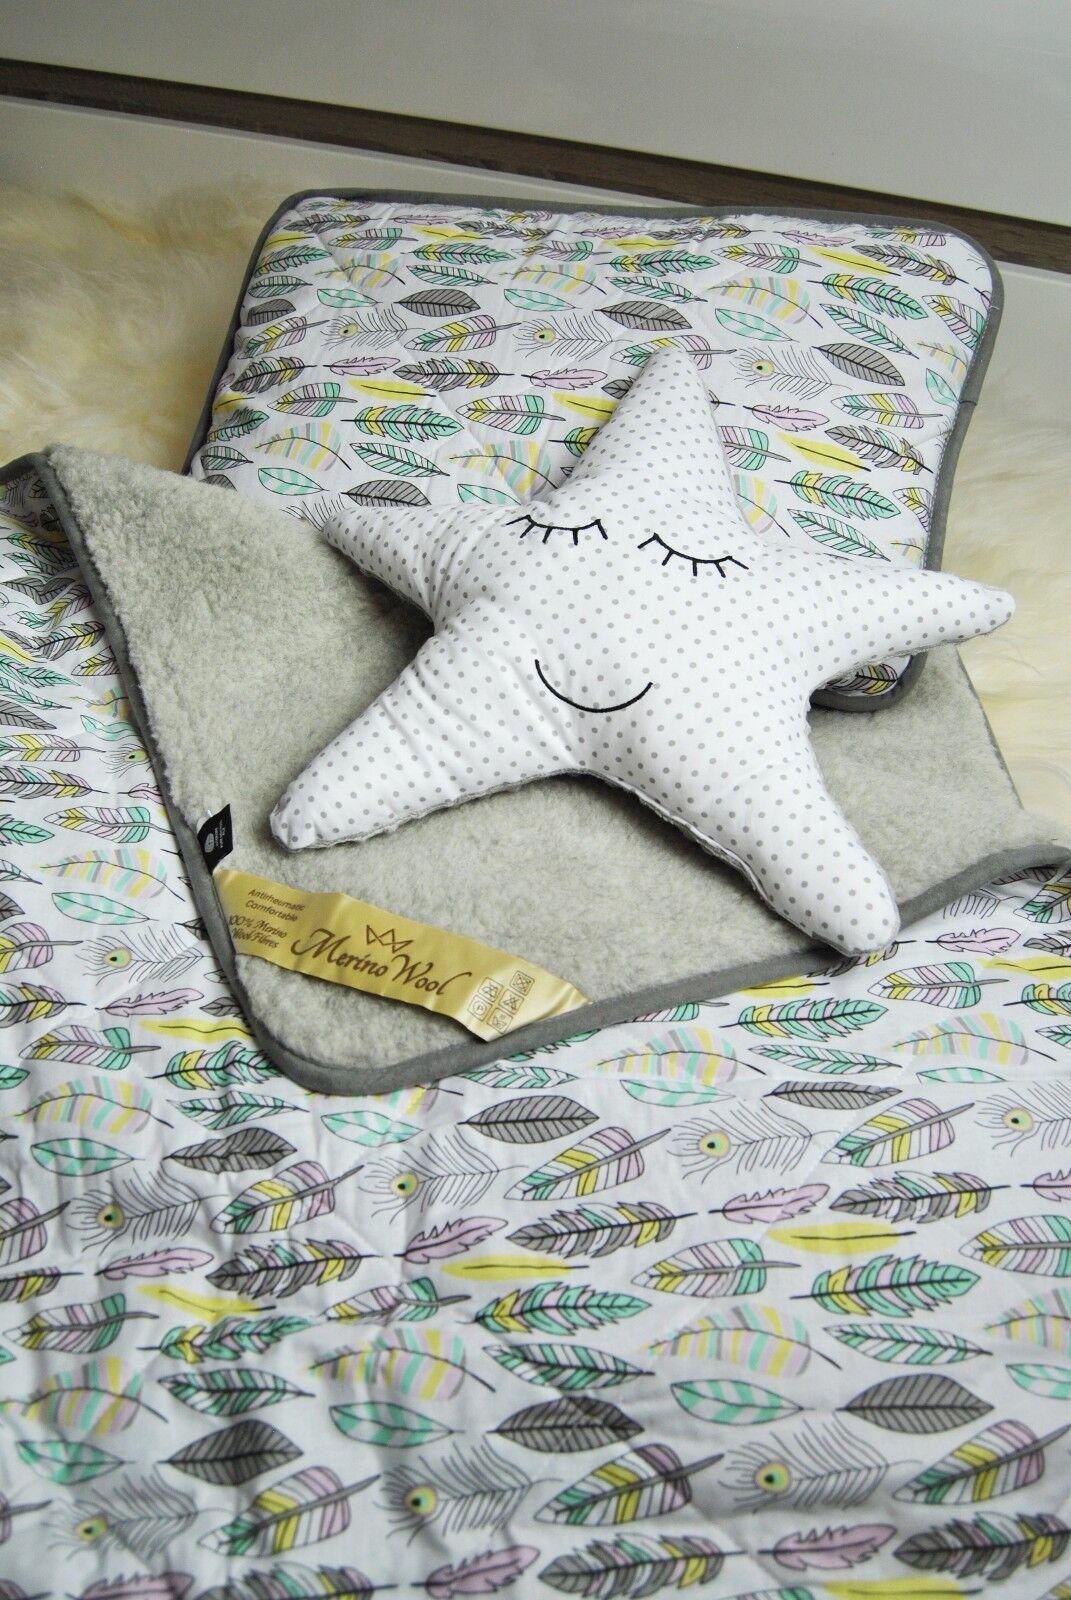 Ausverkauf Babyblau Merinowolle & Baumwolle Baumwolle Baumwolle Bett 100 X 140 Cm +Kissen 40 X 60 3b9206